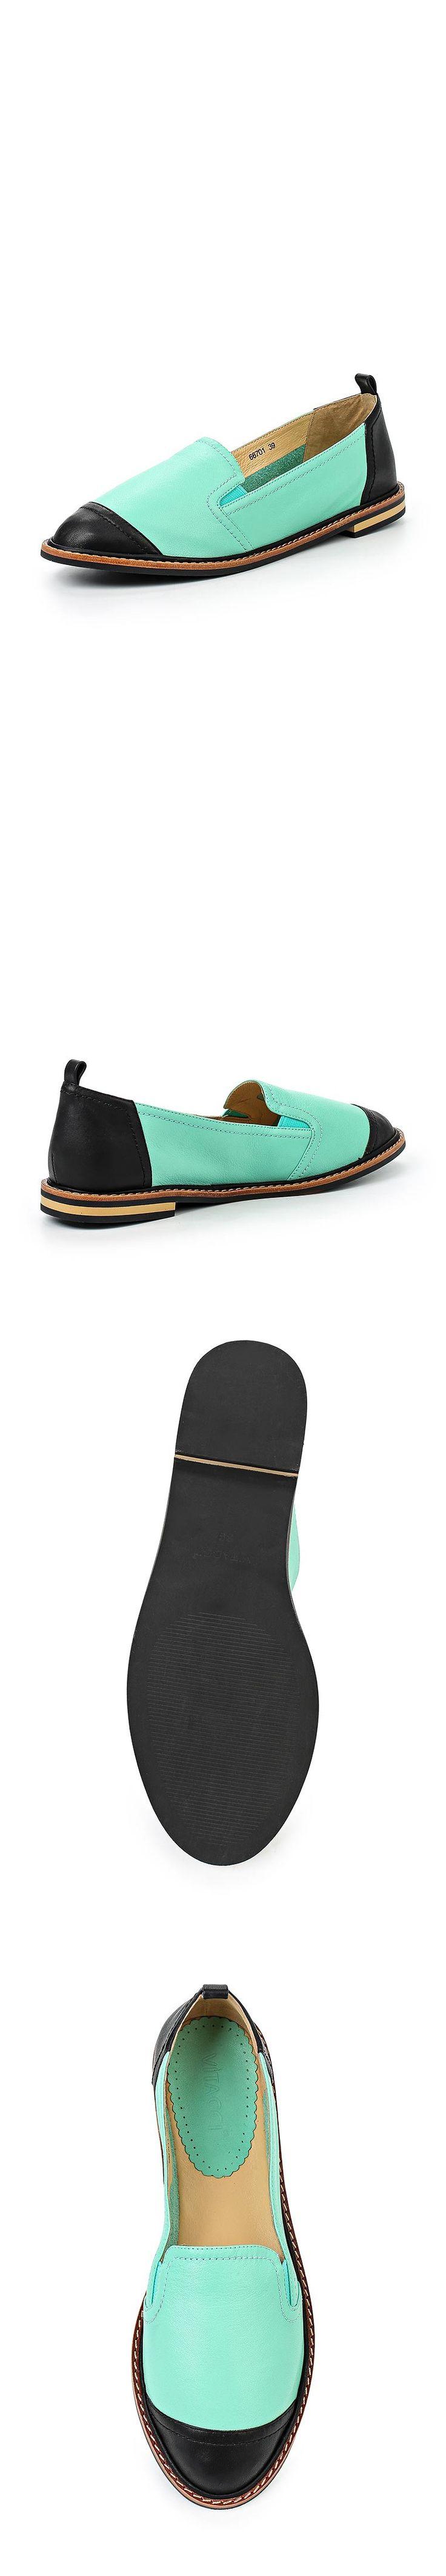 Женская обувь лоферы Vitacci за 6010.00 руб.